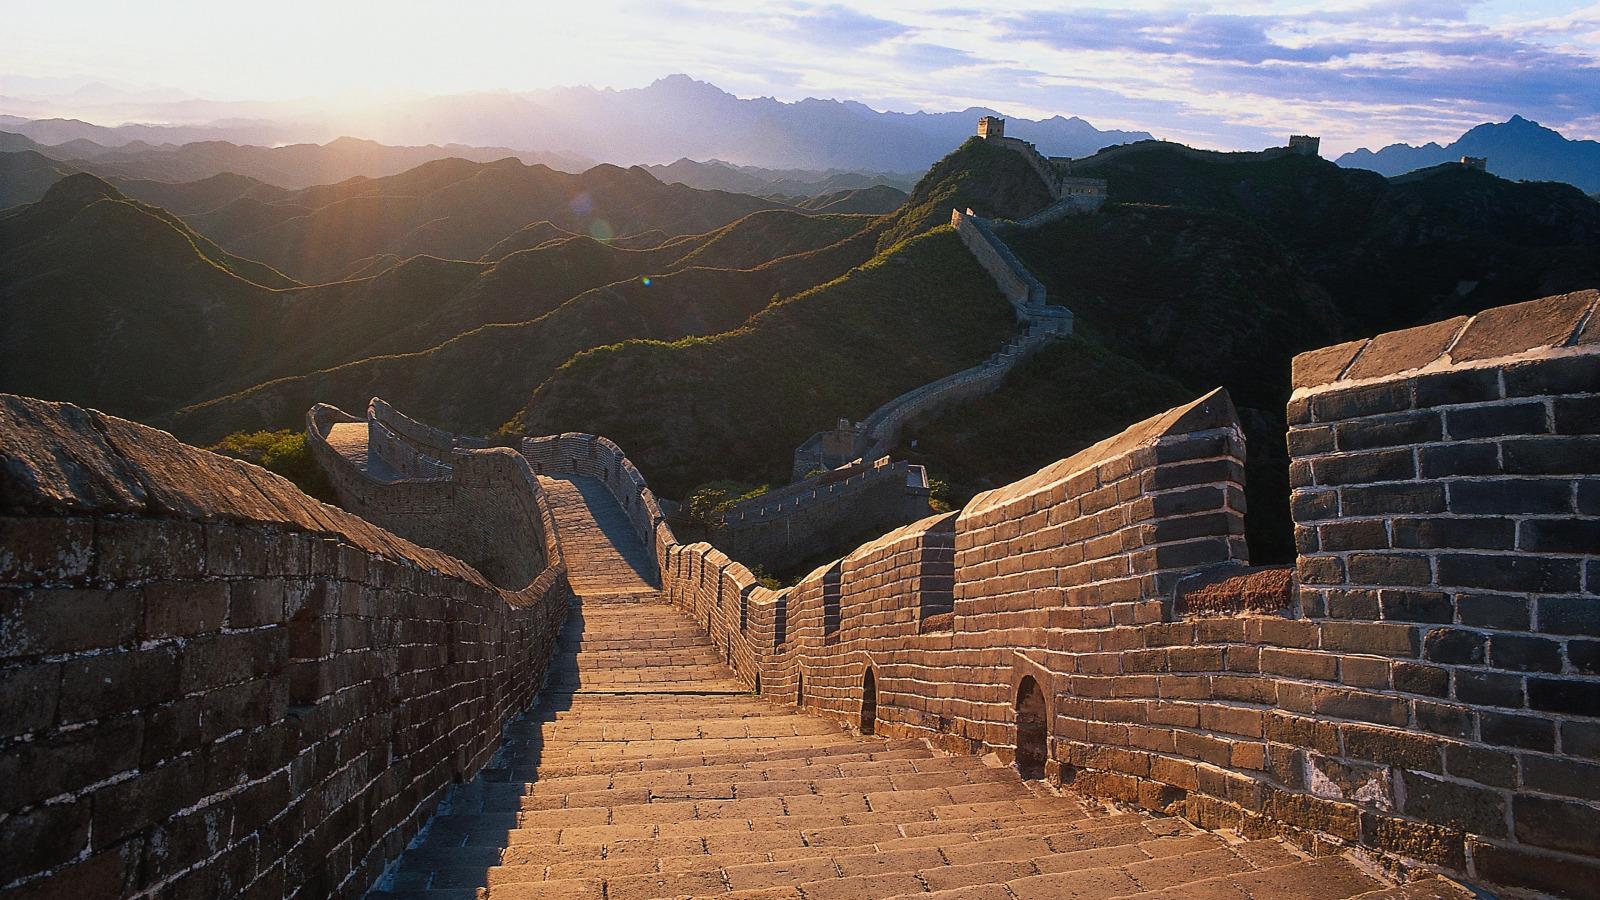 tamadun china Negara china mengamalkan pemerintahan beraja raja menduduki tangga teratas jelasnya dalam tamadun dan kehidupan masyarakat cina.